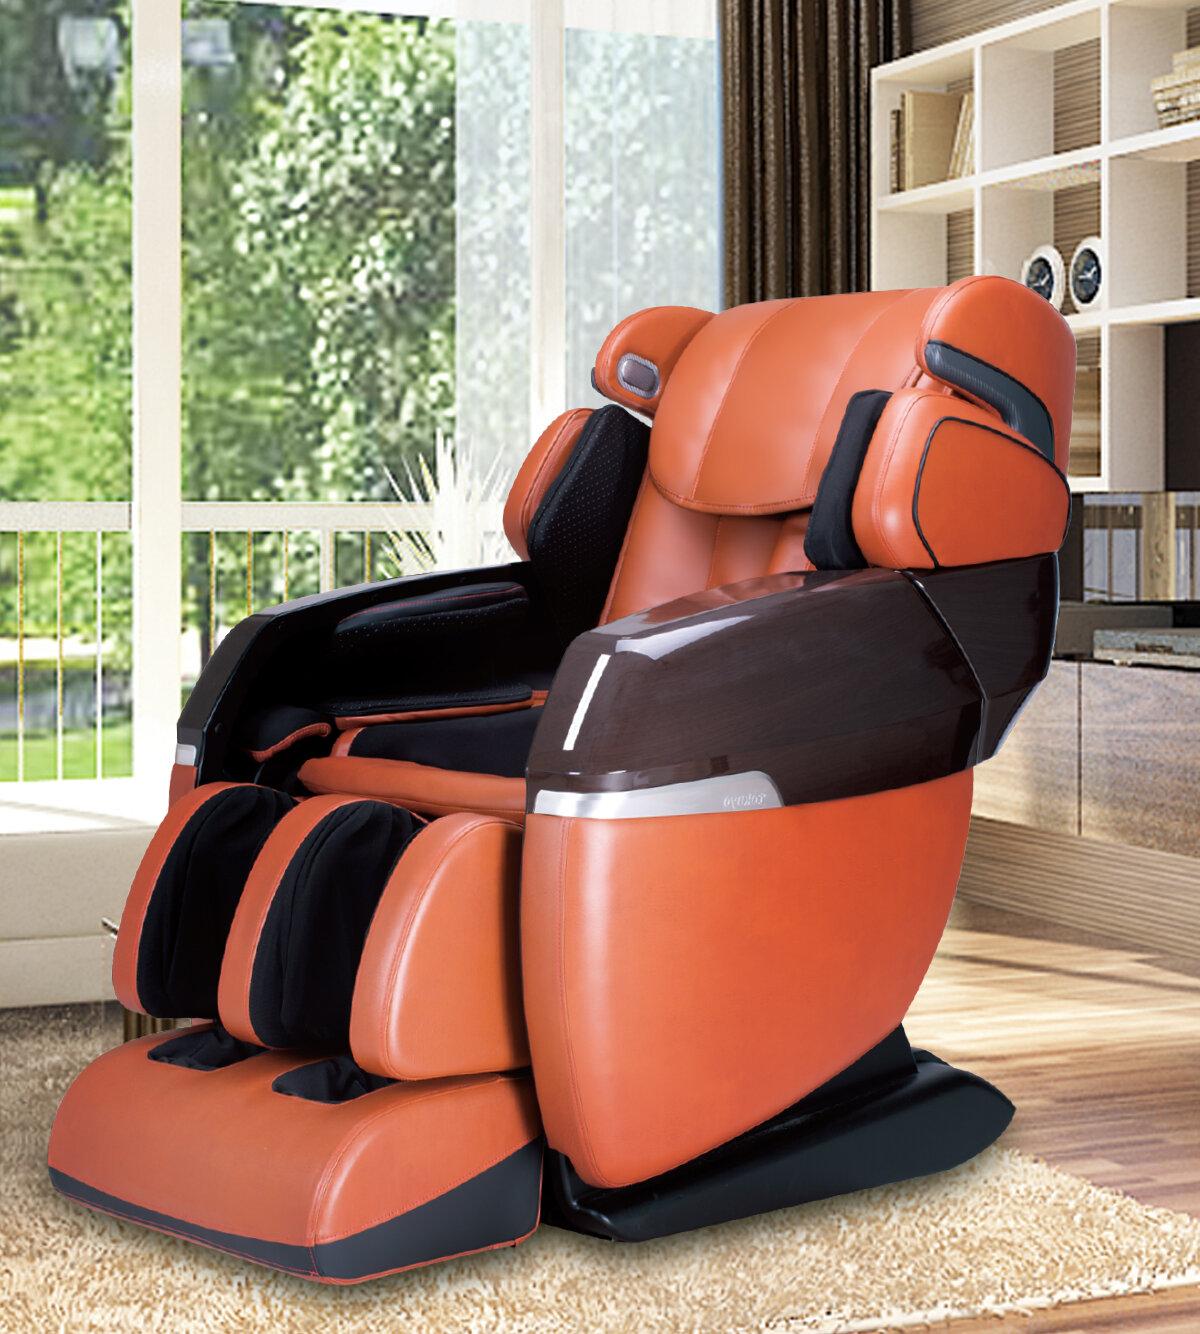 Ghế massage toàn thân - cỗ máy thần kỳ cho những ai hạn chế thời gian chăm sóc bản thân